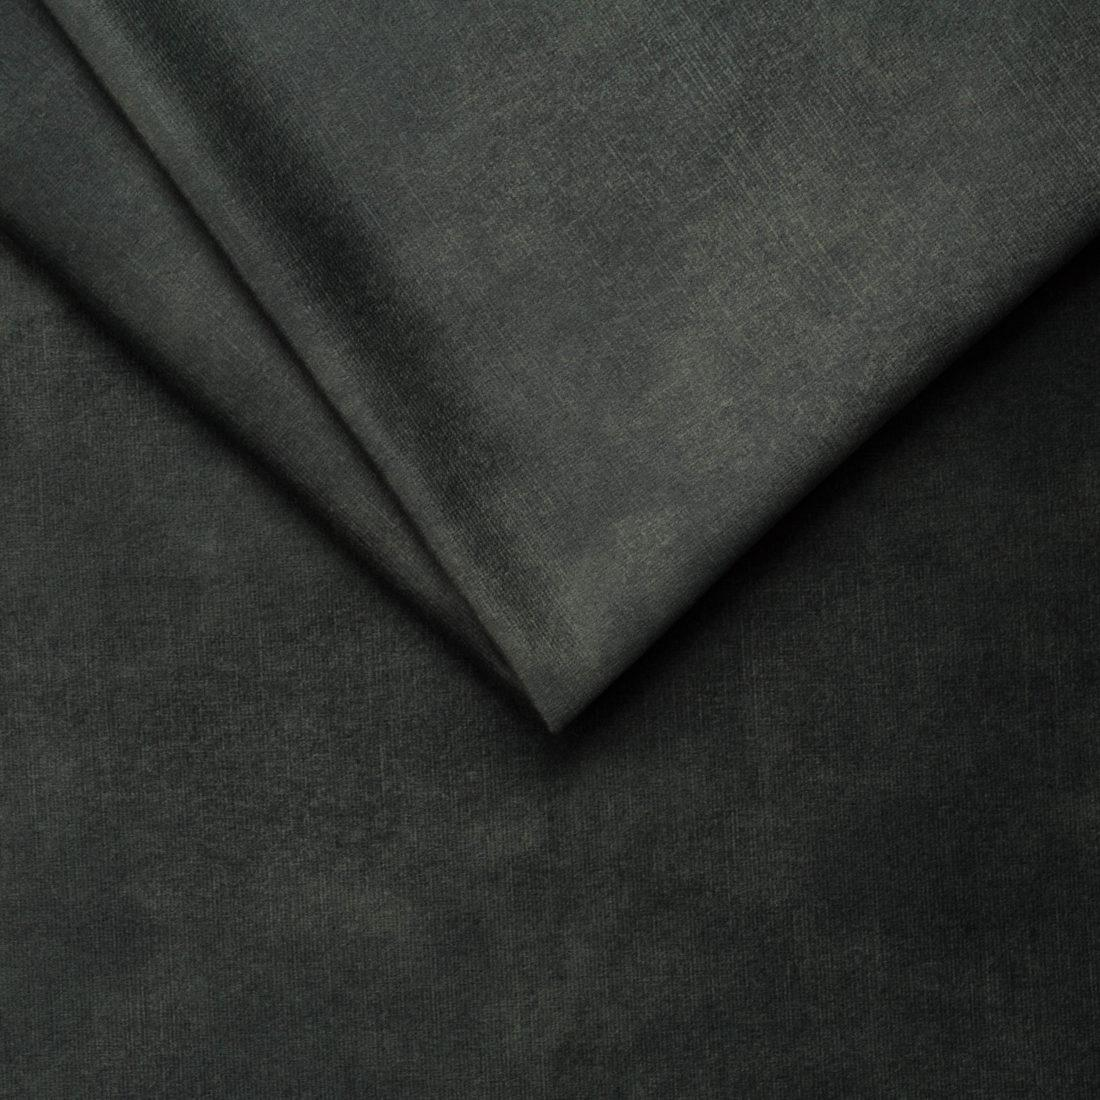 Меблева тканина Palladium 11 Winter Moss, велюр